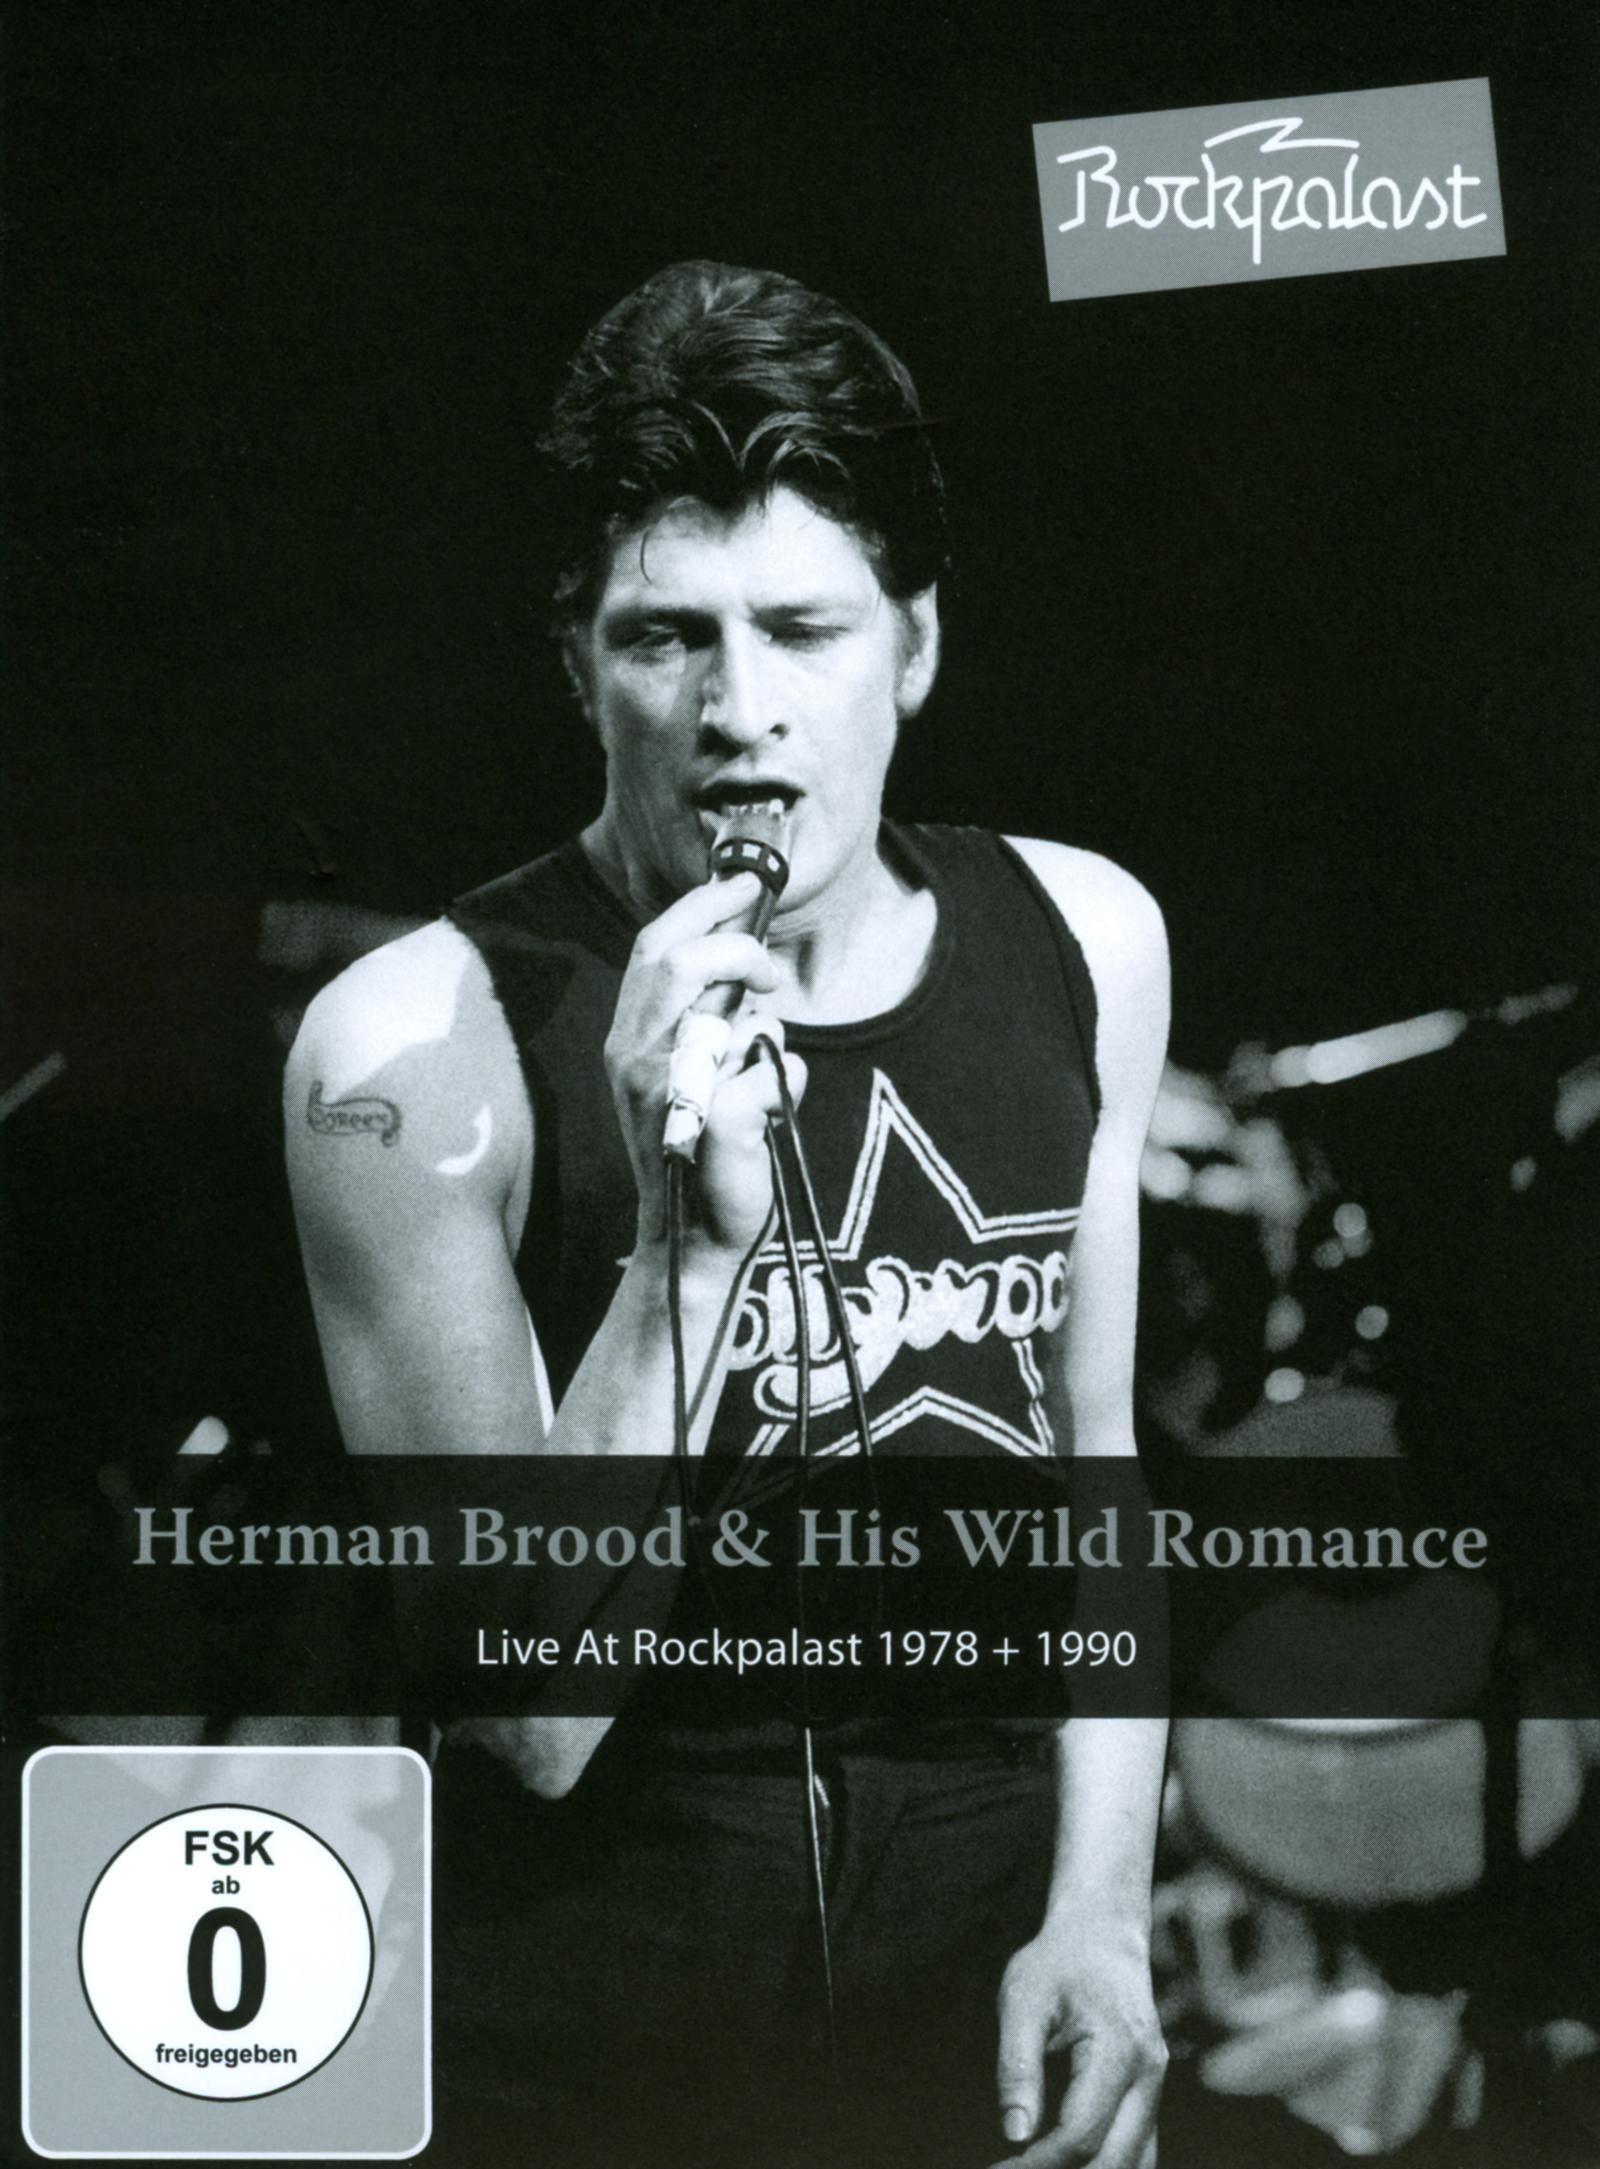 Rockpalast: Hermann Brood & His Wild Romance